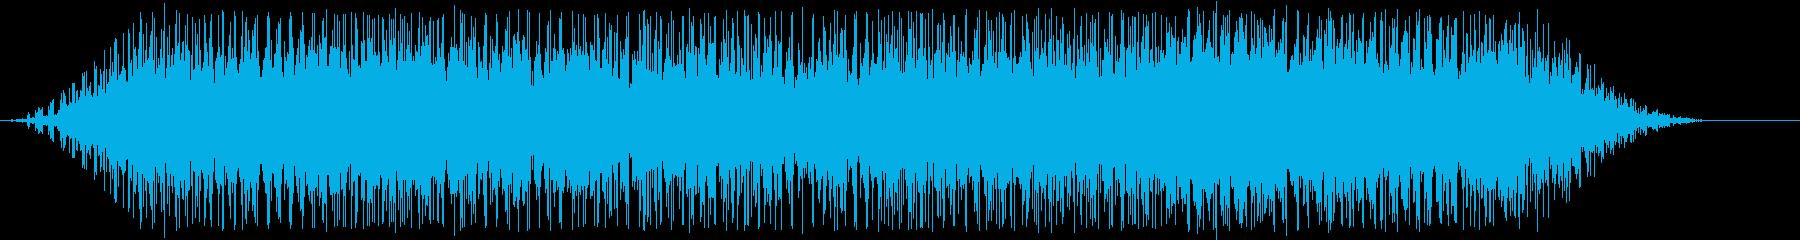 救急車マドリードの再生済みの波形